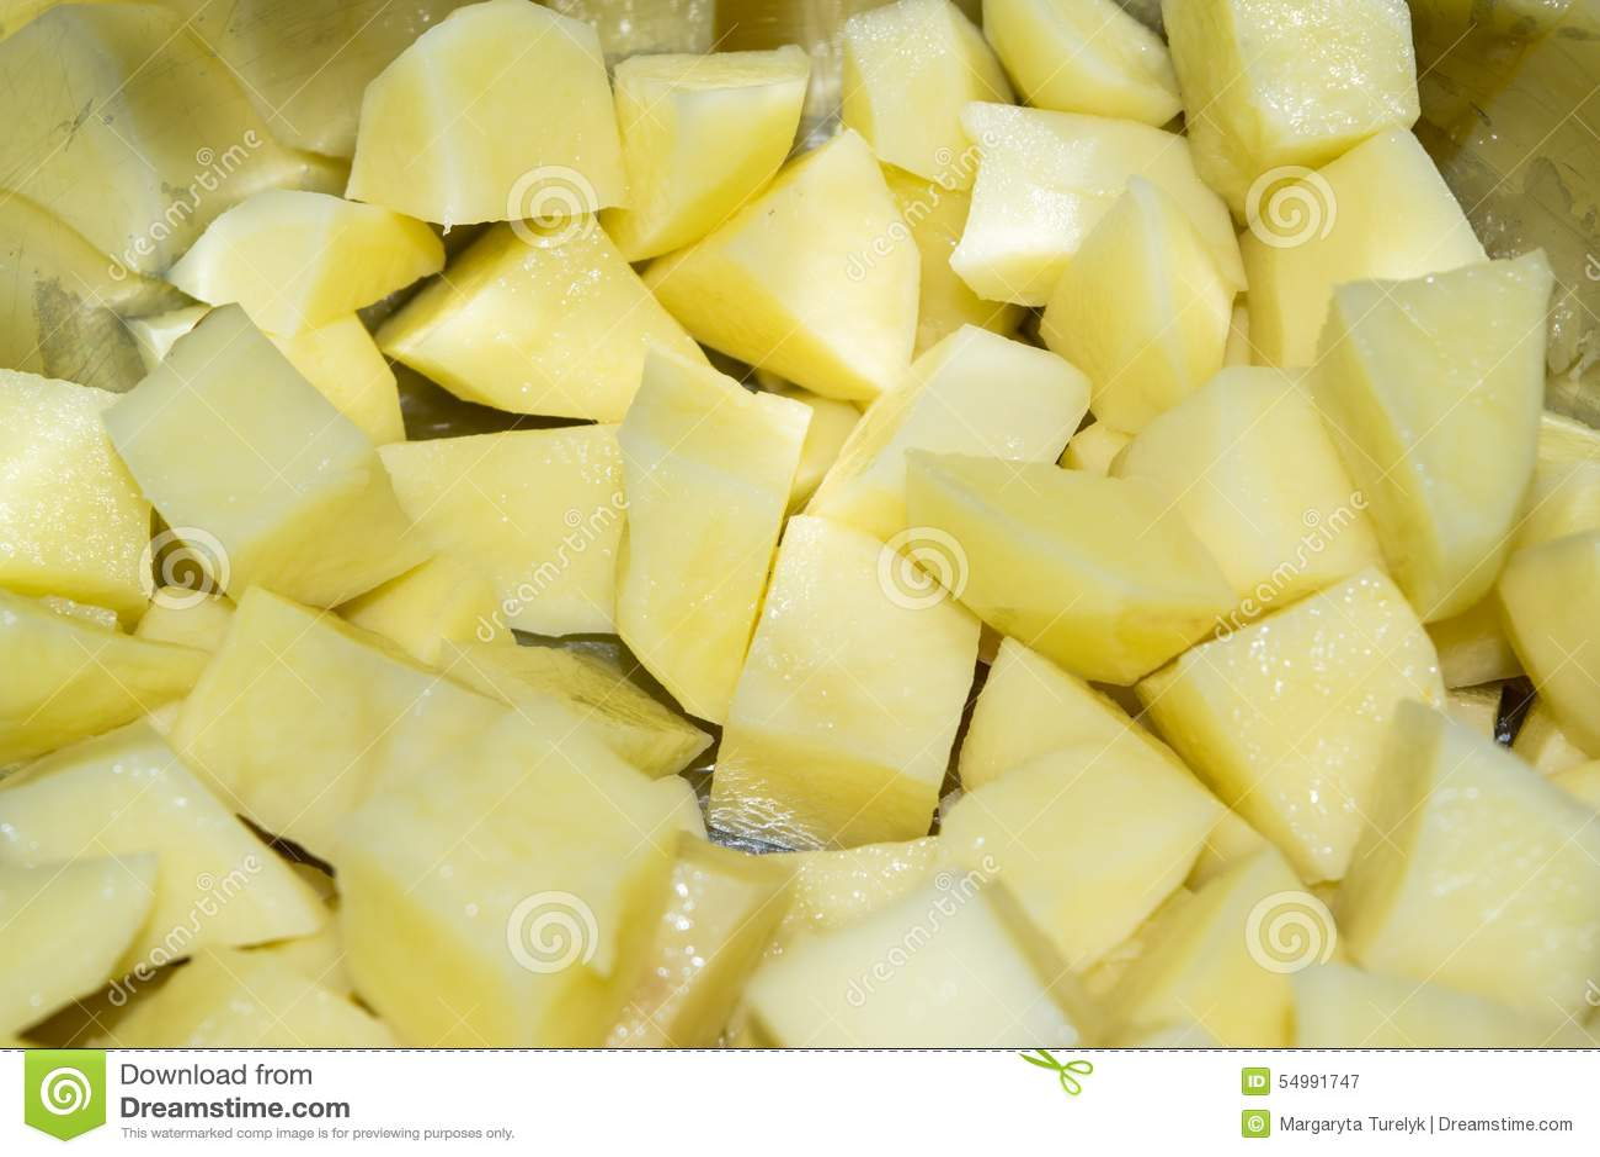 切在平底深锅的未加工的土豆